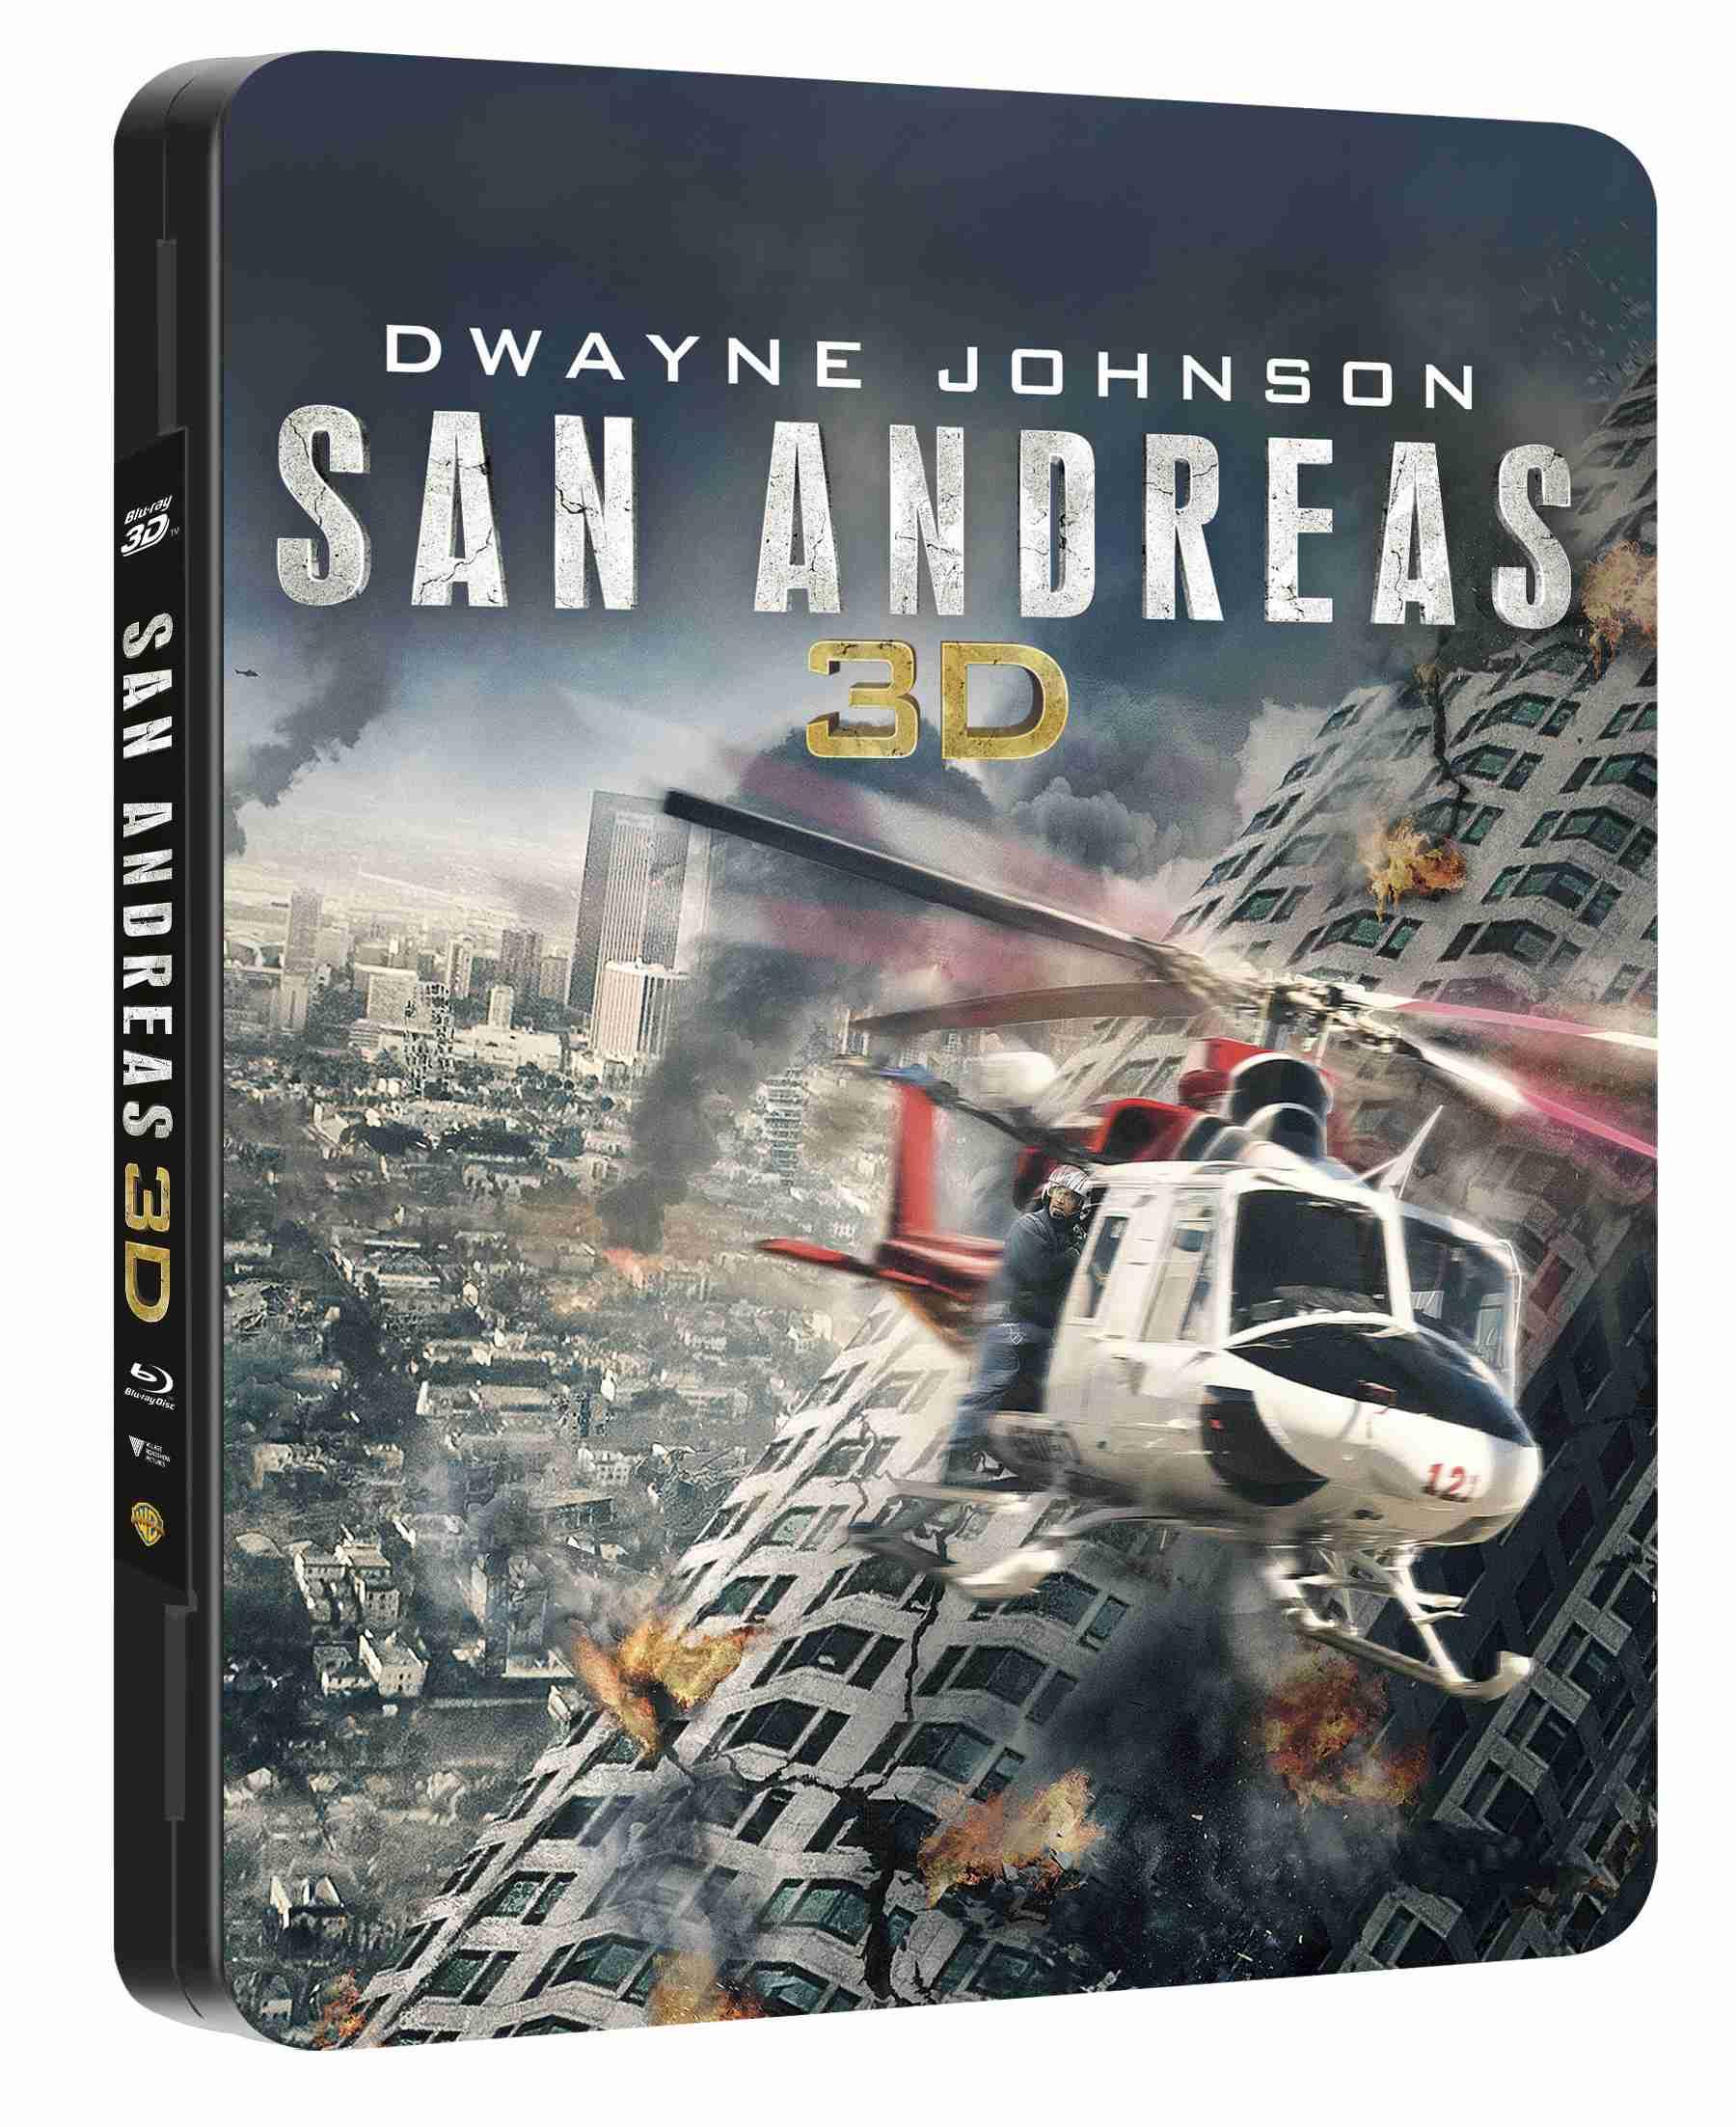 SAN ANDREAS - Blu-ray 3D + 2D Futurepak / Metalpak